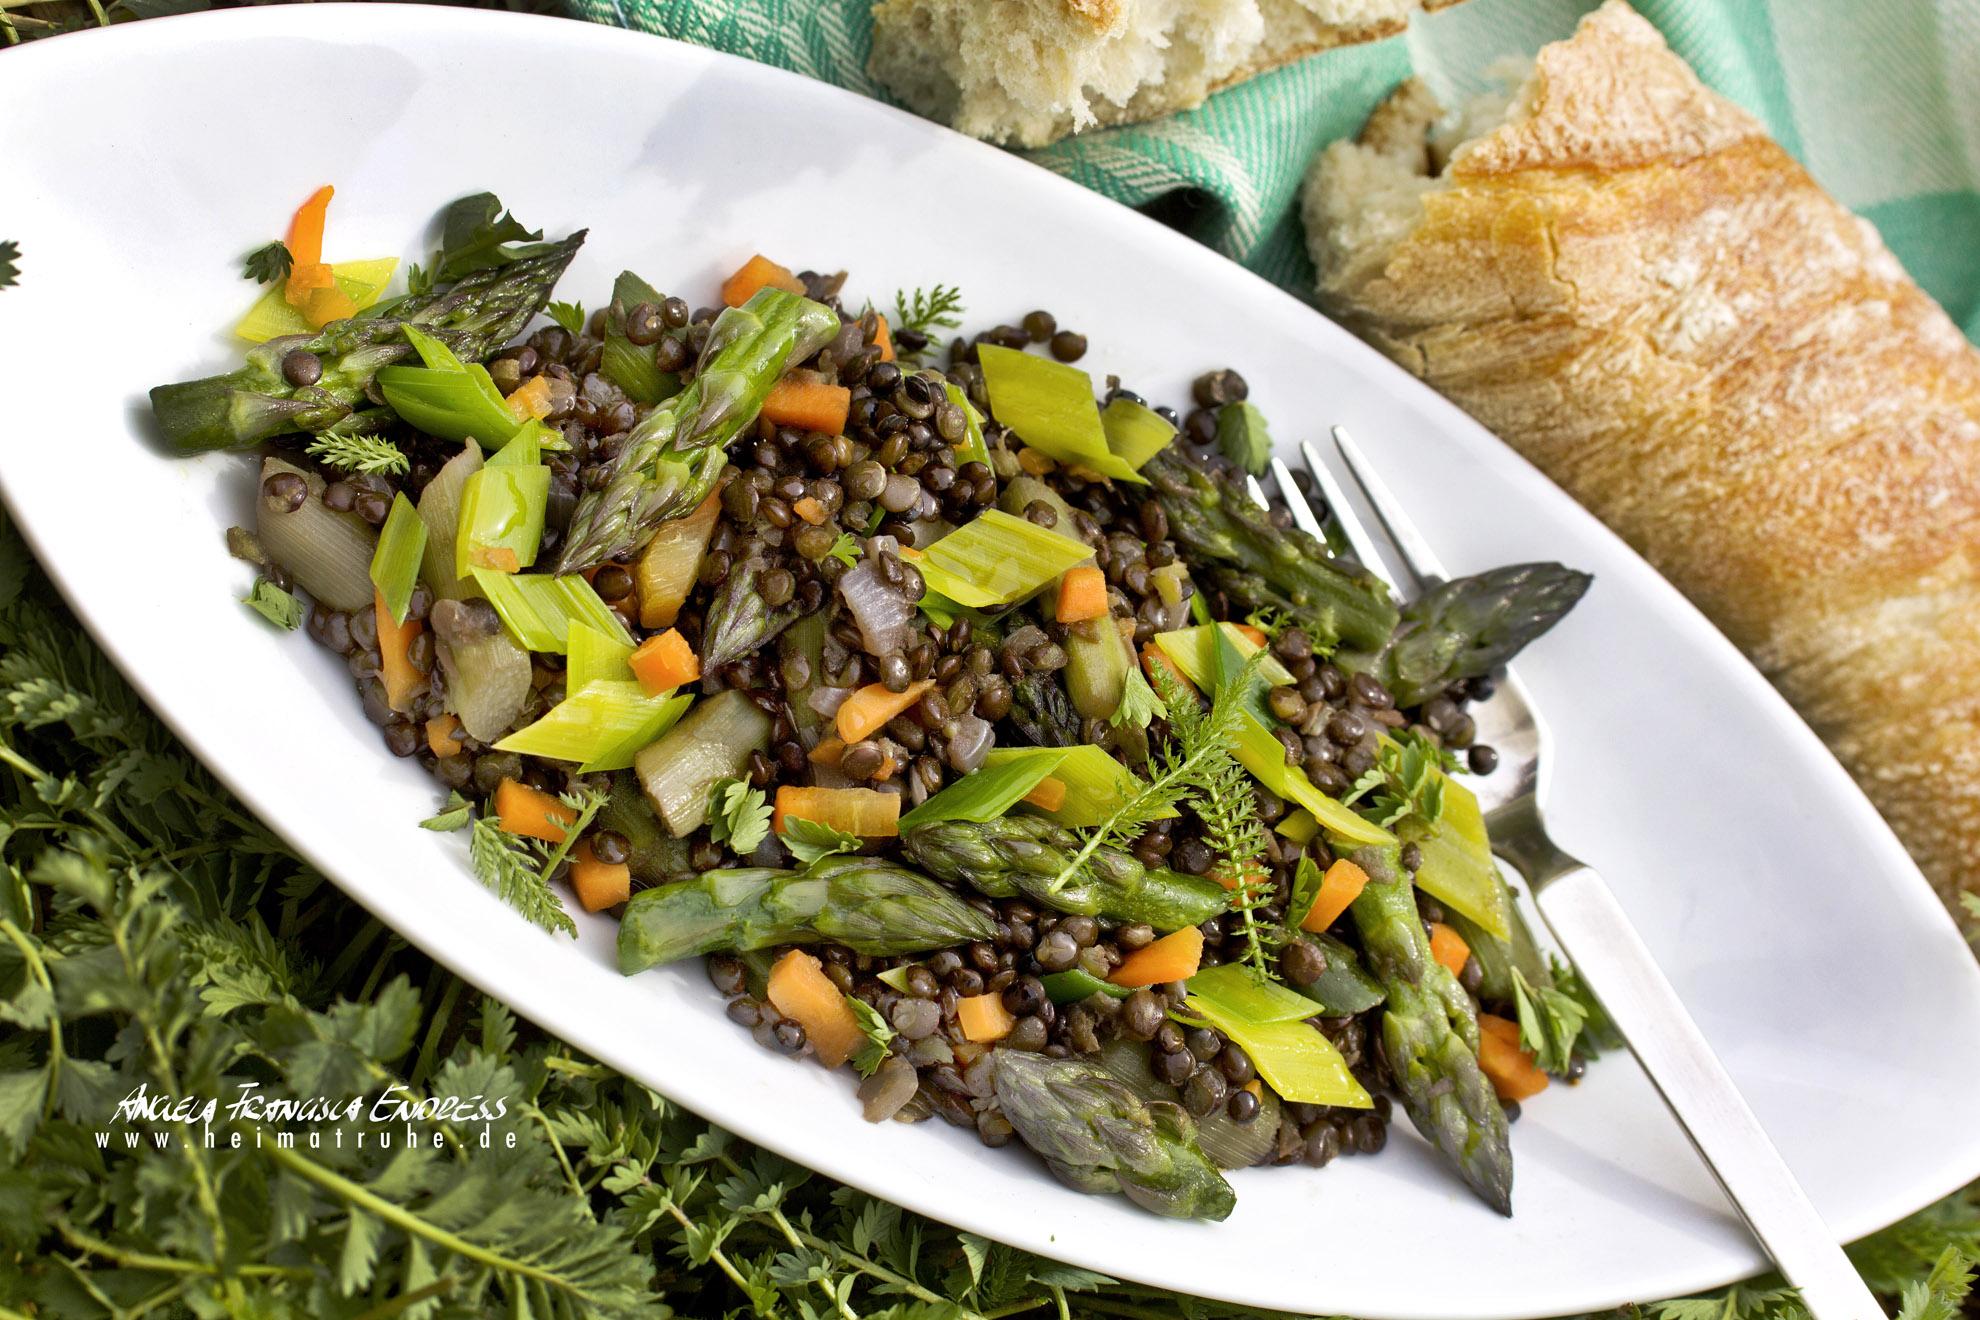 Porzellanschale mit Spargel-Linsen-Gemüse in Pimpinelle